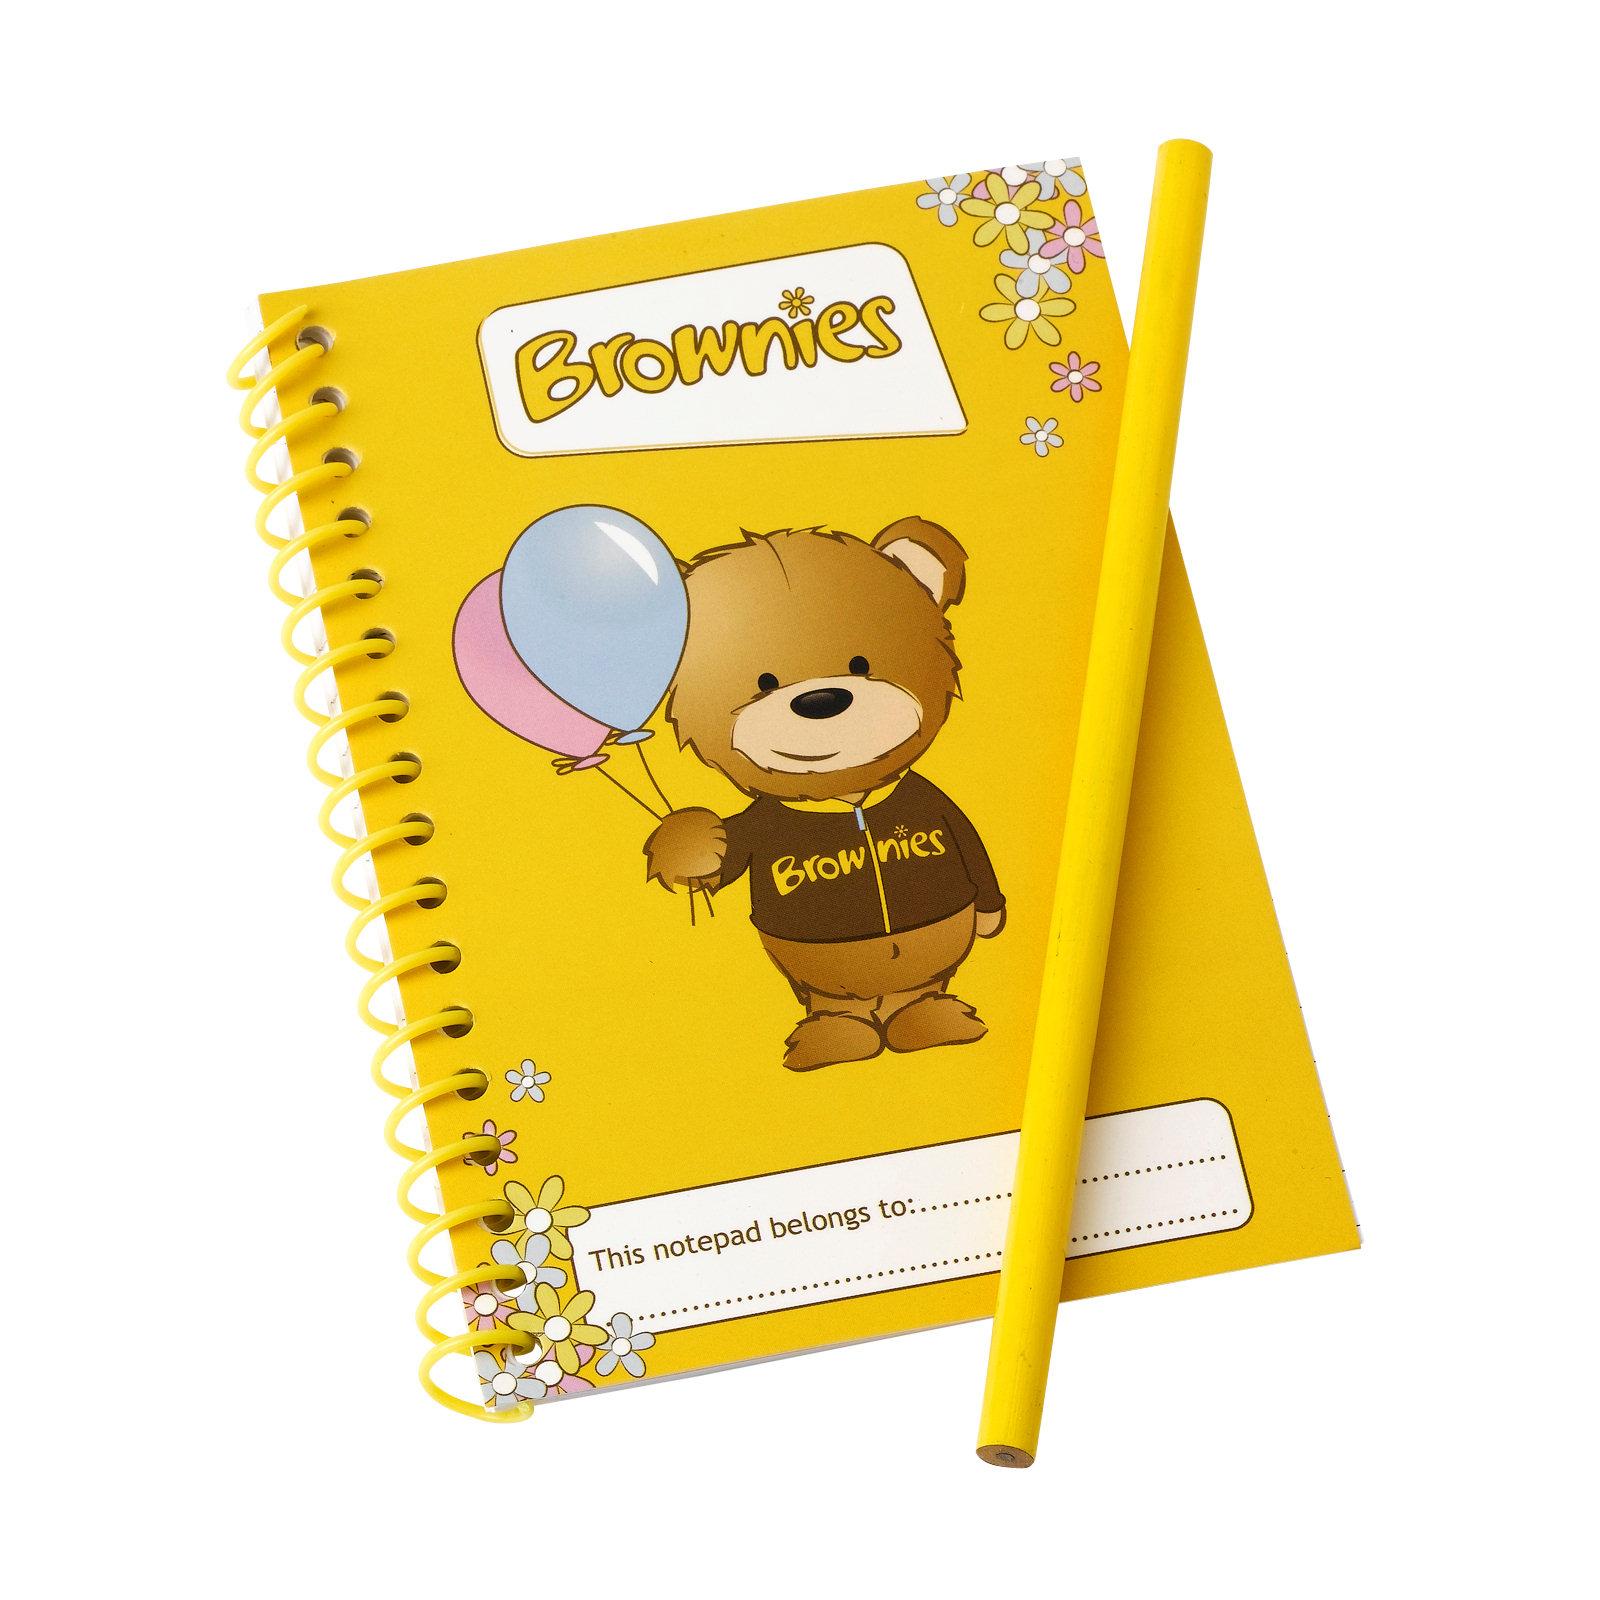 Brownie Notepad